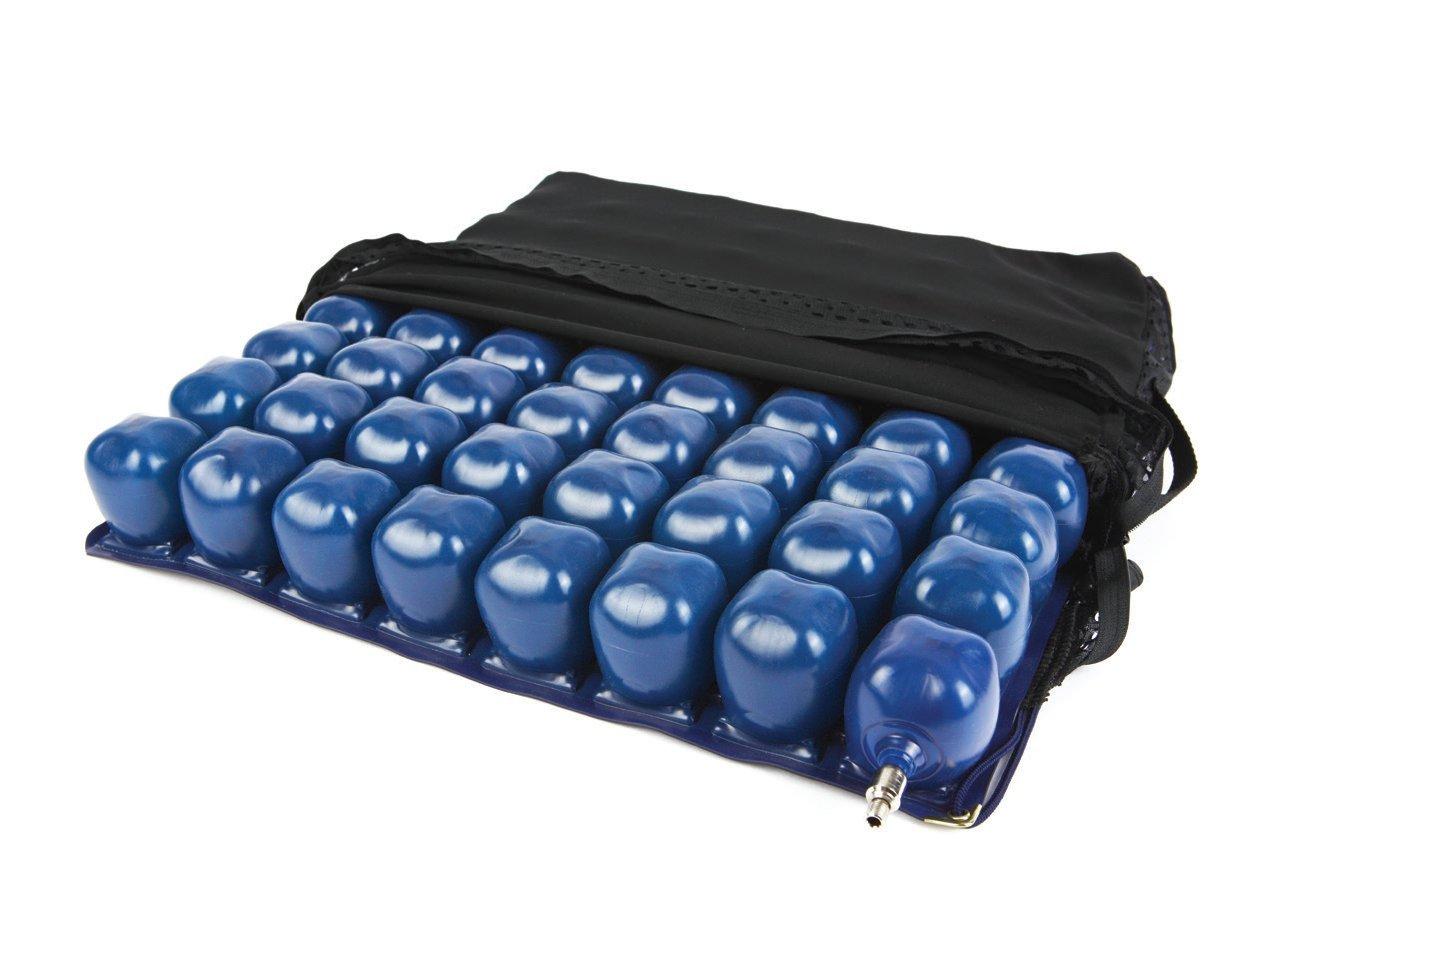 Kolbs Cushions Air Cell High Profile Wheelchair Seat Cushion, 18 by 16 Inch